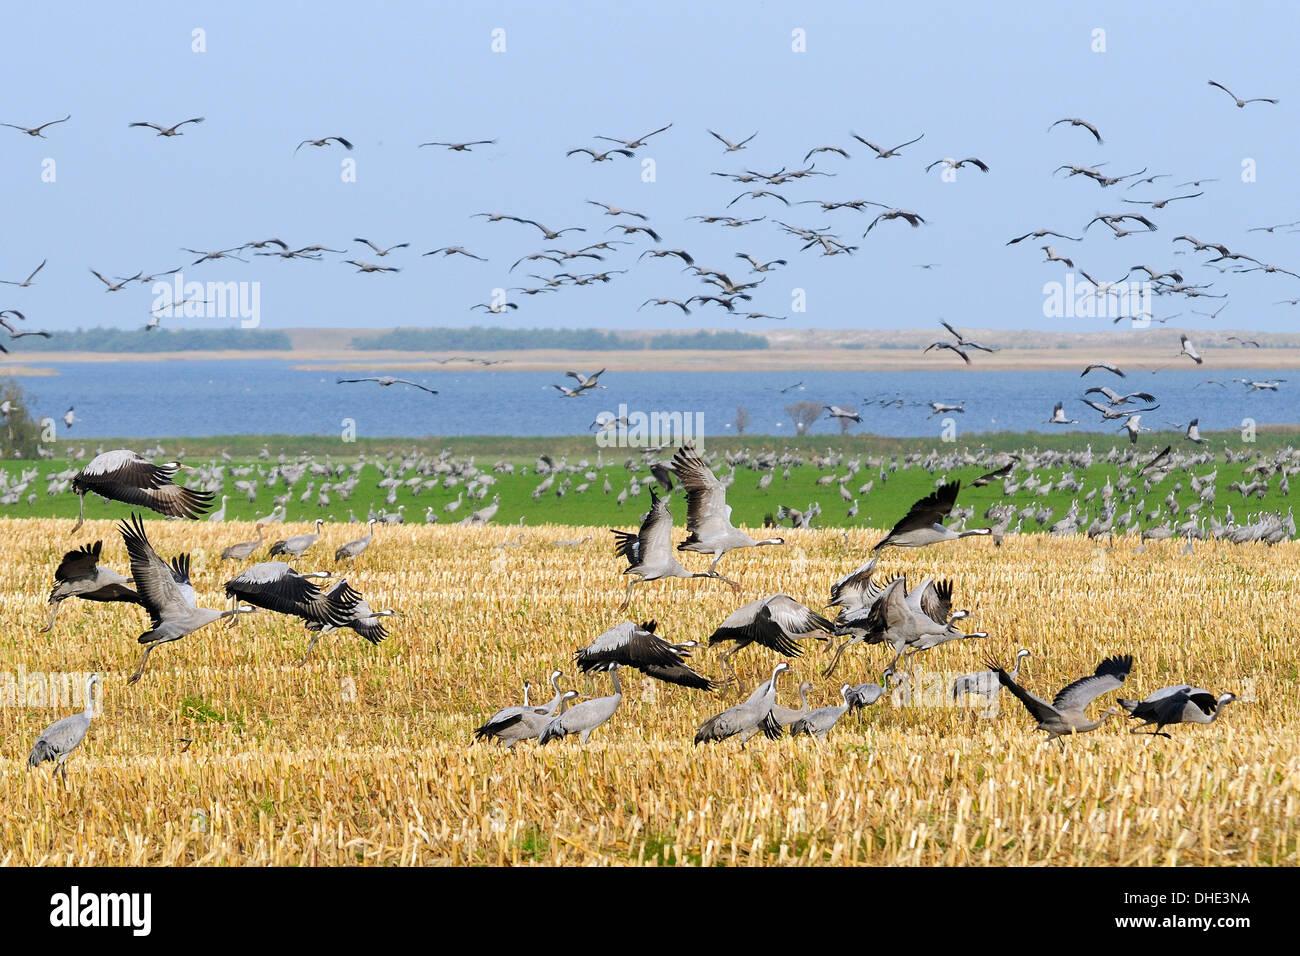 Gemeinsame / eurasische Kranich (Grus Grus) Herde ausziehen aus Mais Stoppeln nahe Ostsee-Küste, Hohendorf, Norddeutschland. Stockfoto